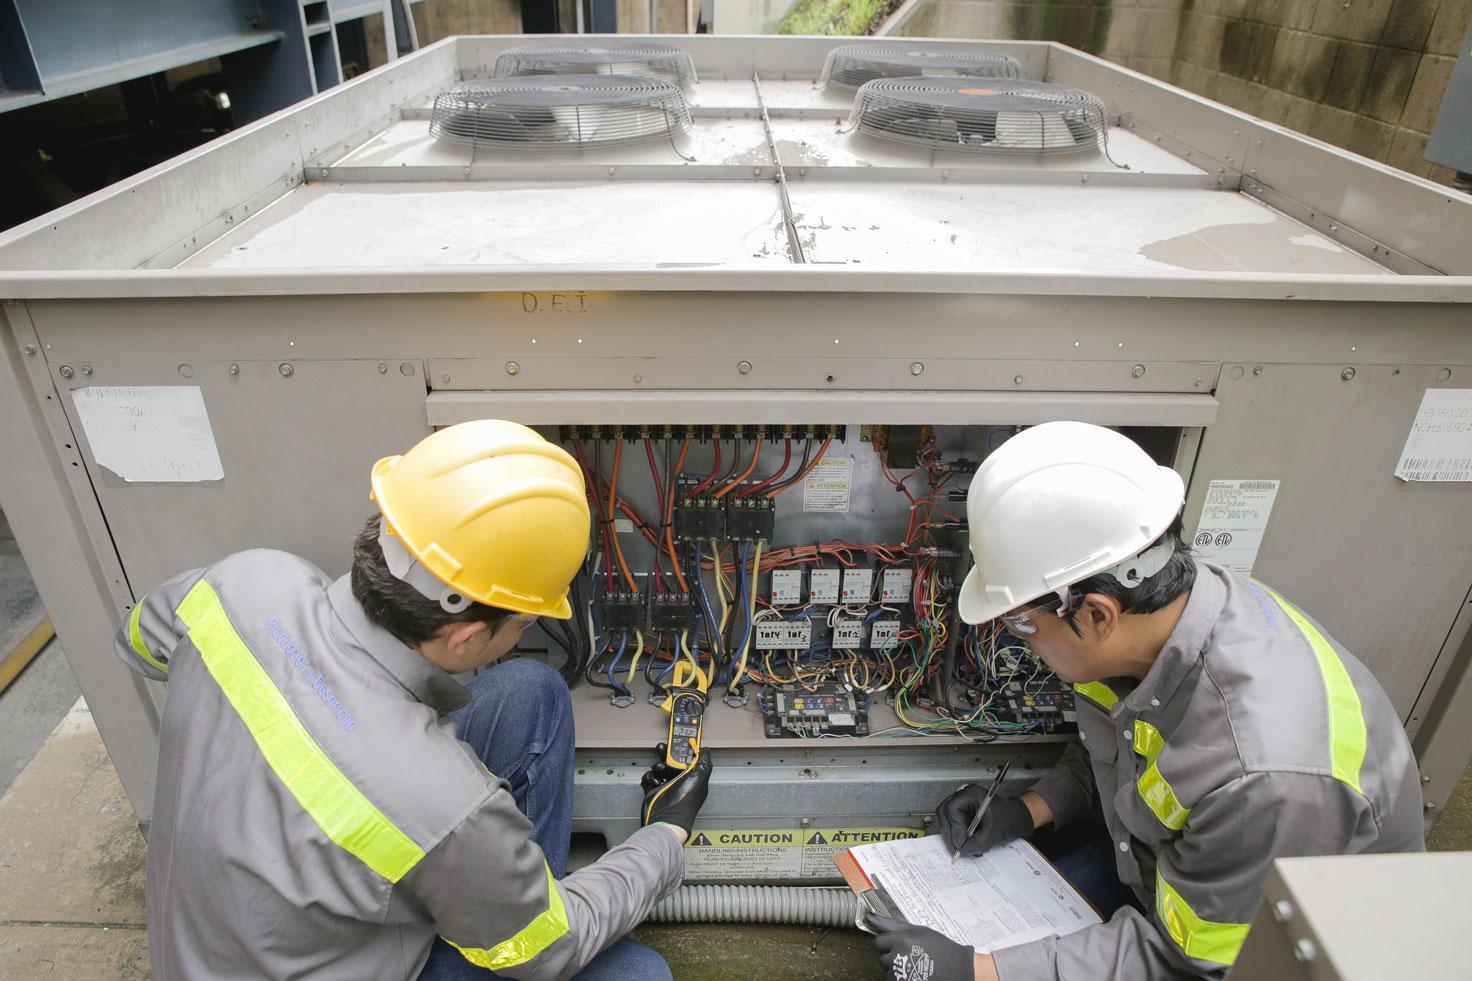 mantenimiento-preventivo-aires-acondicionados